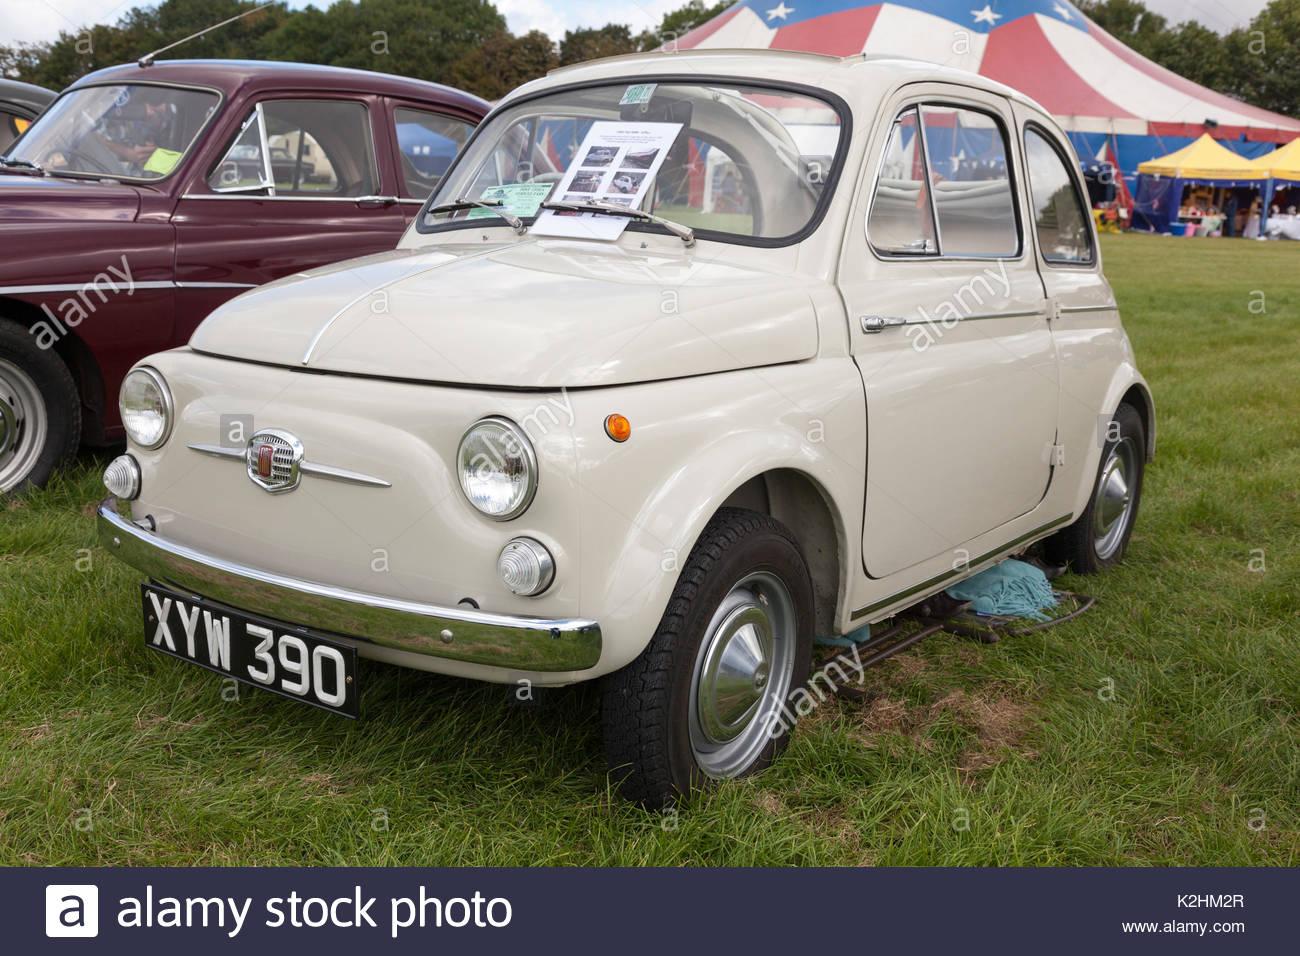 1959 Fiat 500n Stock Photo 156511567 Alamy